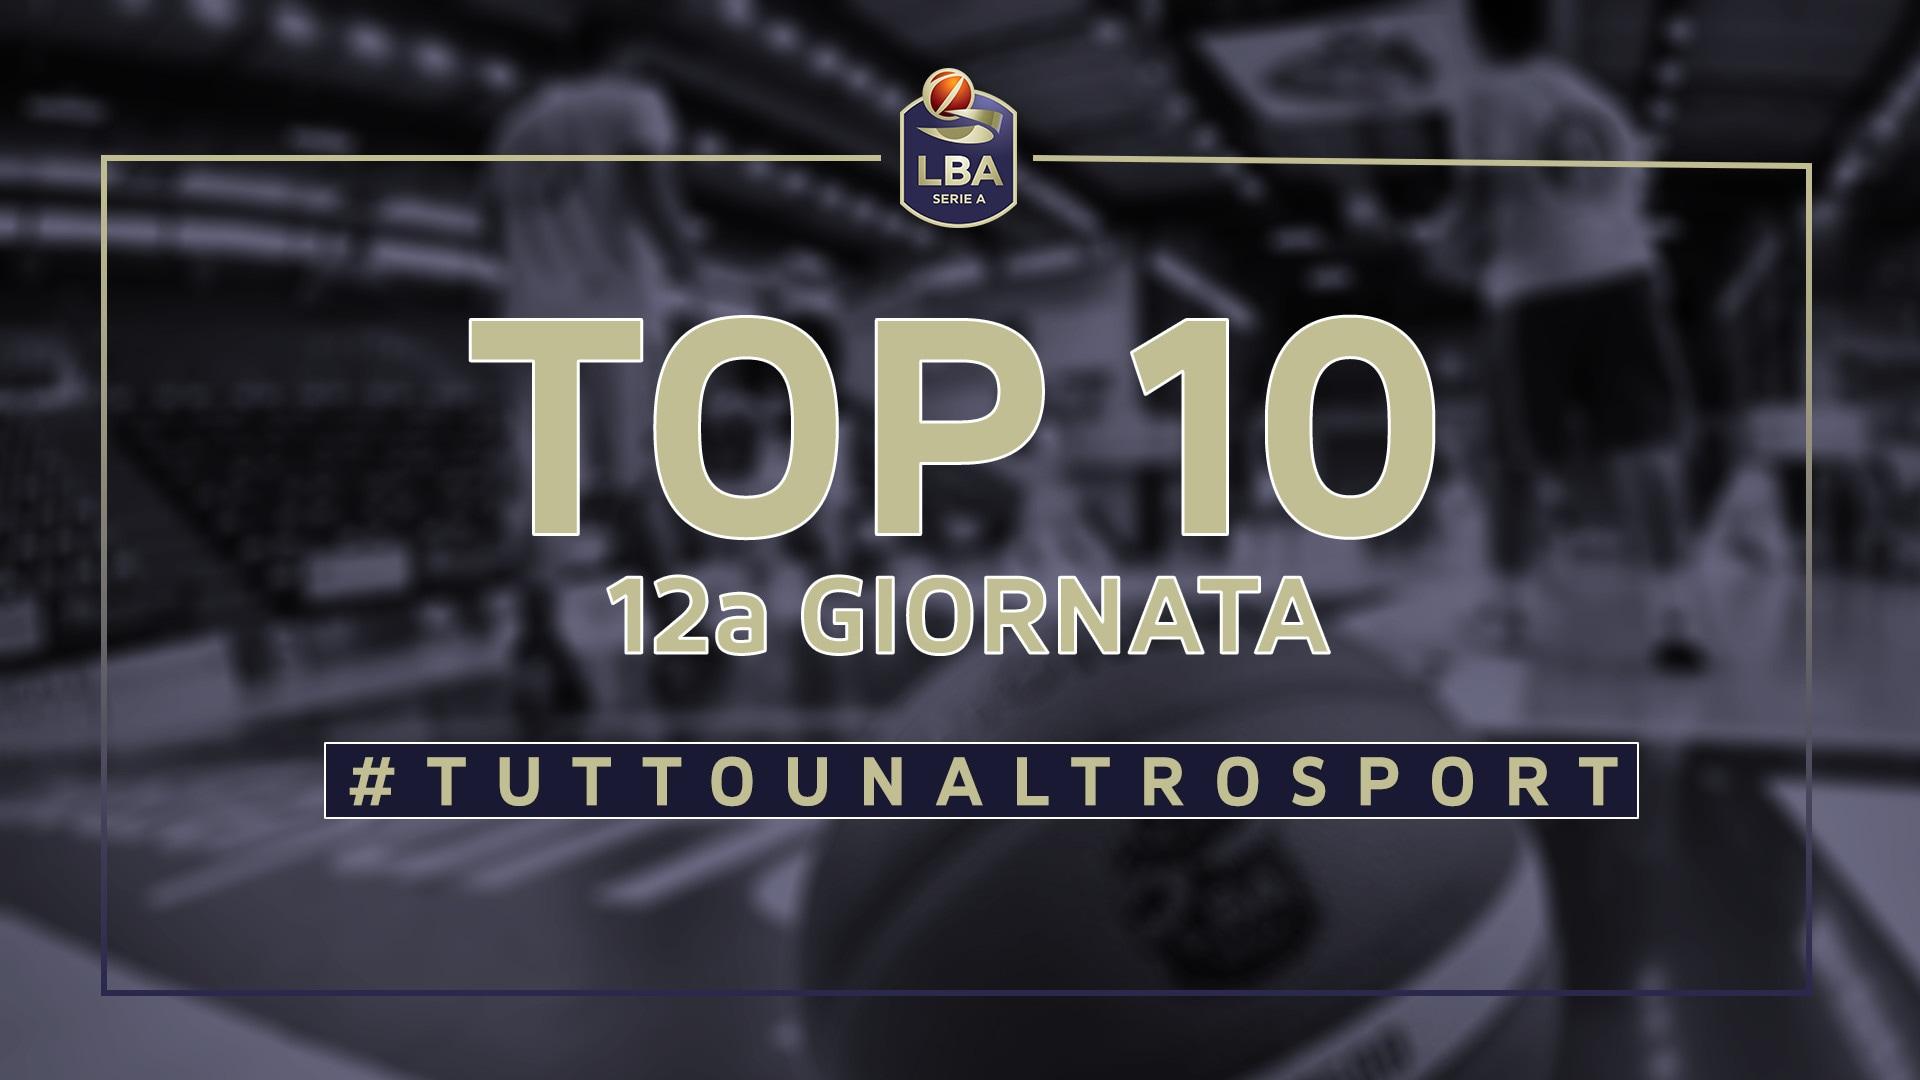 La Top Ten della 12a giornata del campionato LBA di basket